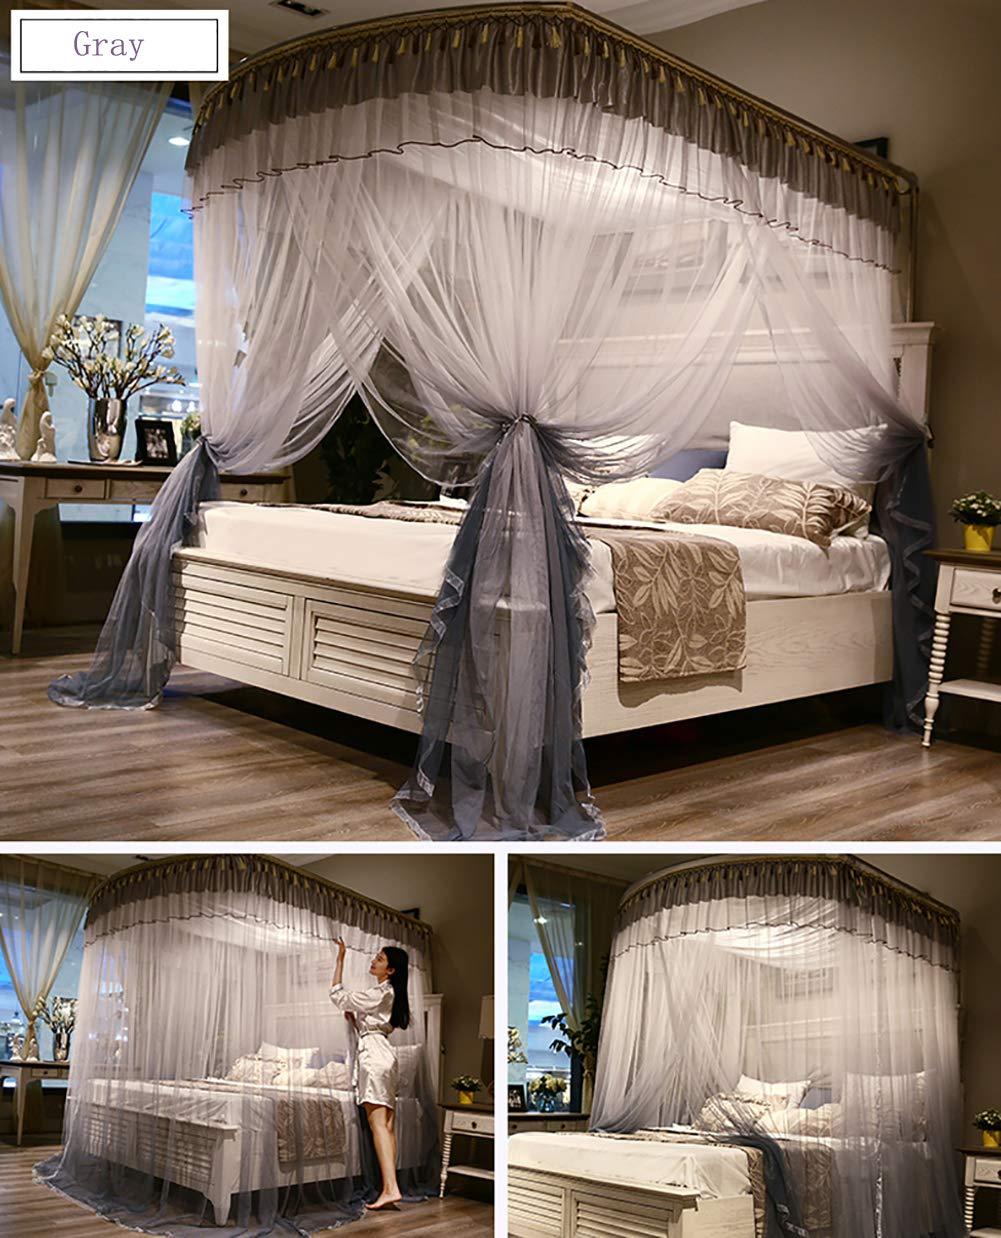 蚊帳大型ダブルベッドサンシェードネット寝具装飾王女ベッド正方形蚊帳屋内と屋外のキャンプに適した 1.5m Gray B07TB4V94L